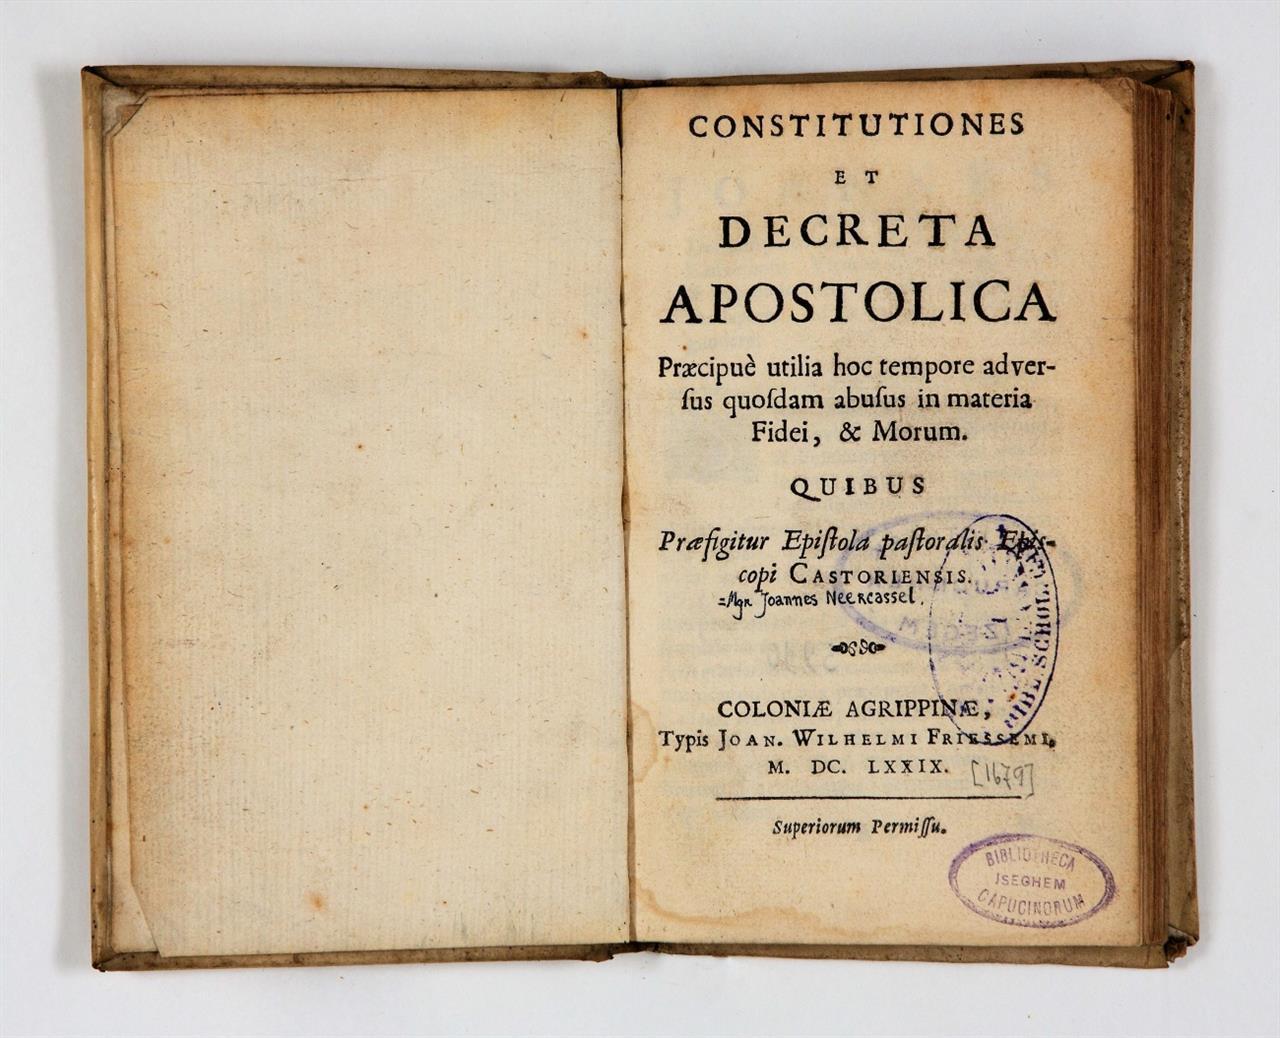 J. B. van Neercassel, Constitutiones et decreta apostolica. Köln 1679.